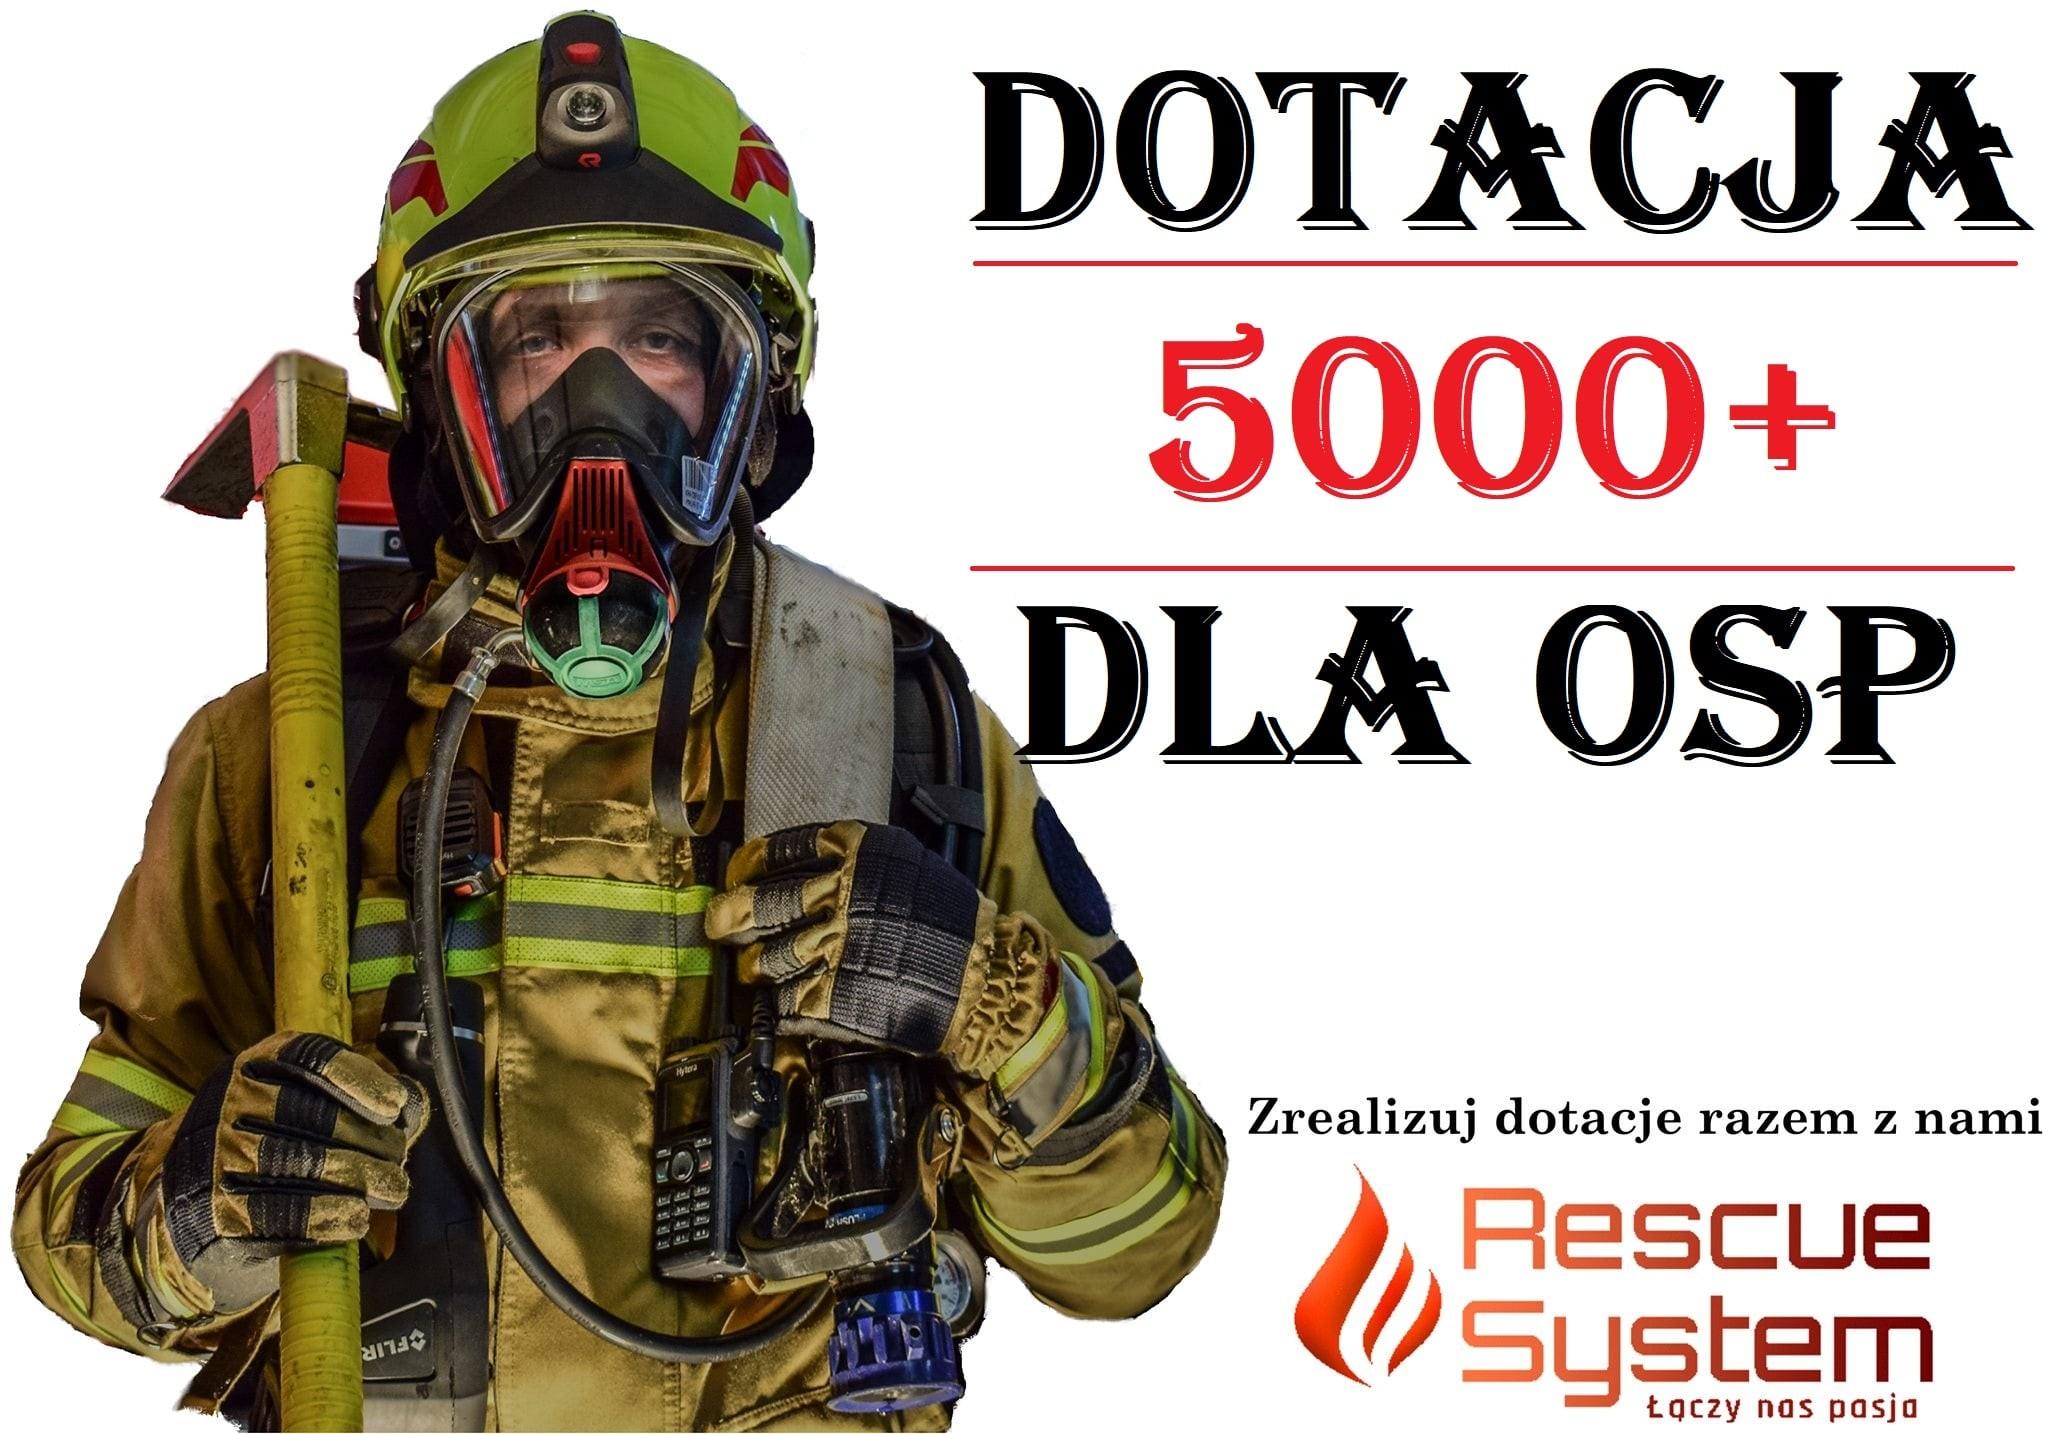 Dotacja 5000+